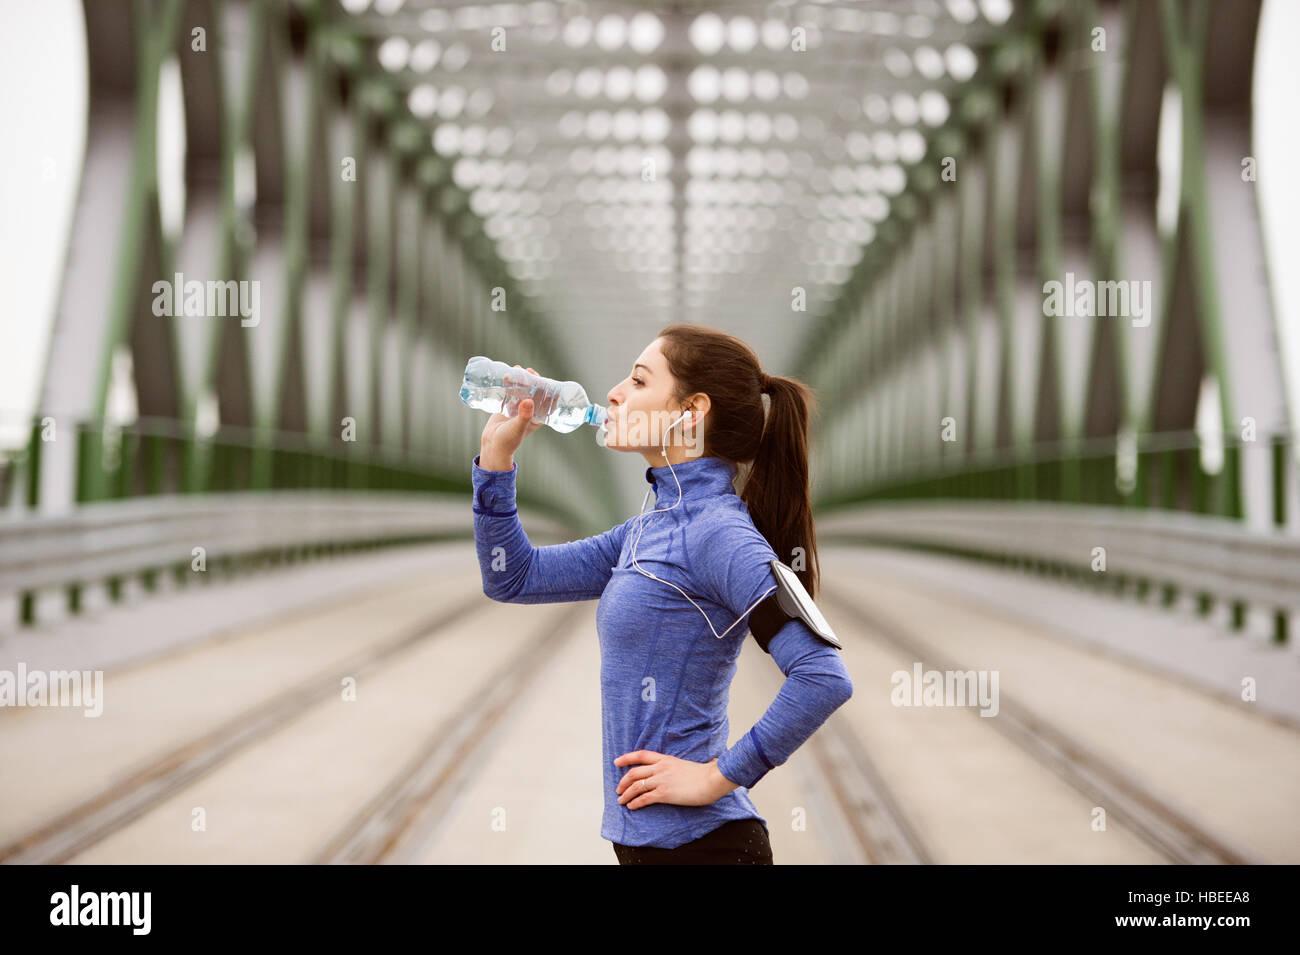 Giovani runner in appoggio, acqua potabile verde sul ponte in acciaio Immagini Stock